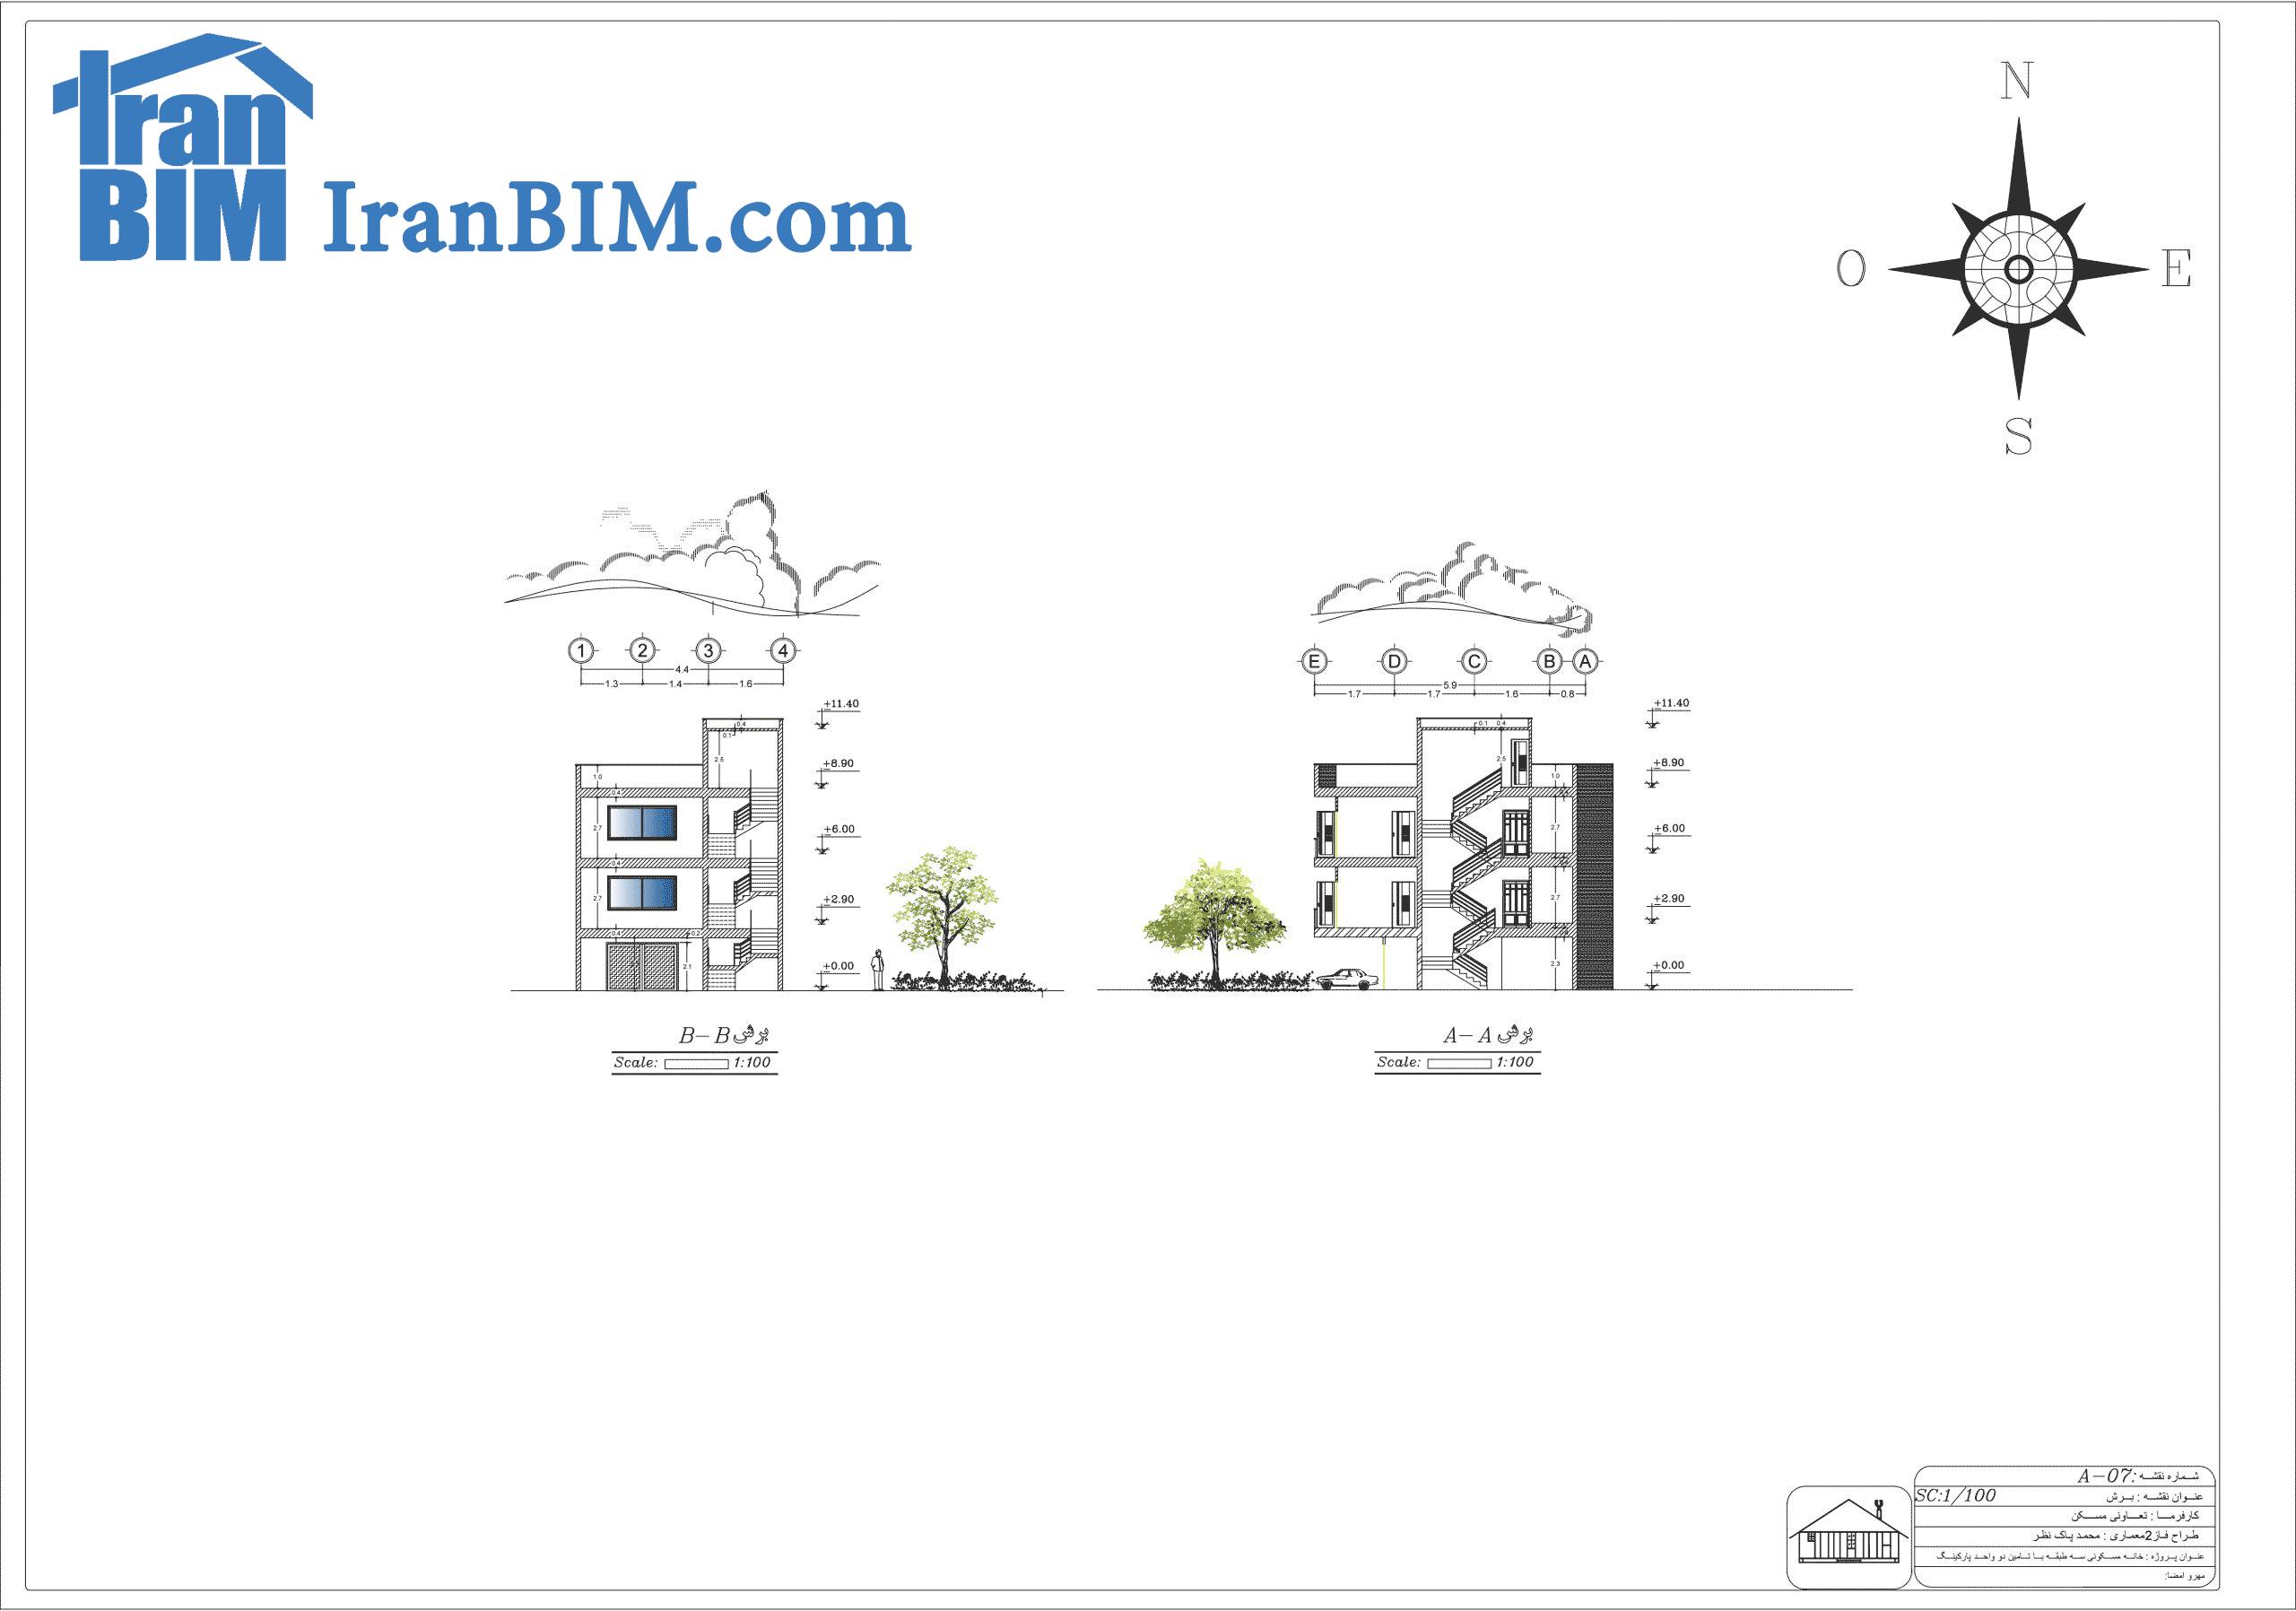 نقشه پلان فاز 1 و 2 - آموزش جامع مبانی تا اجرای معماری